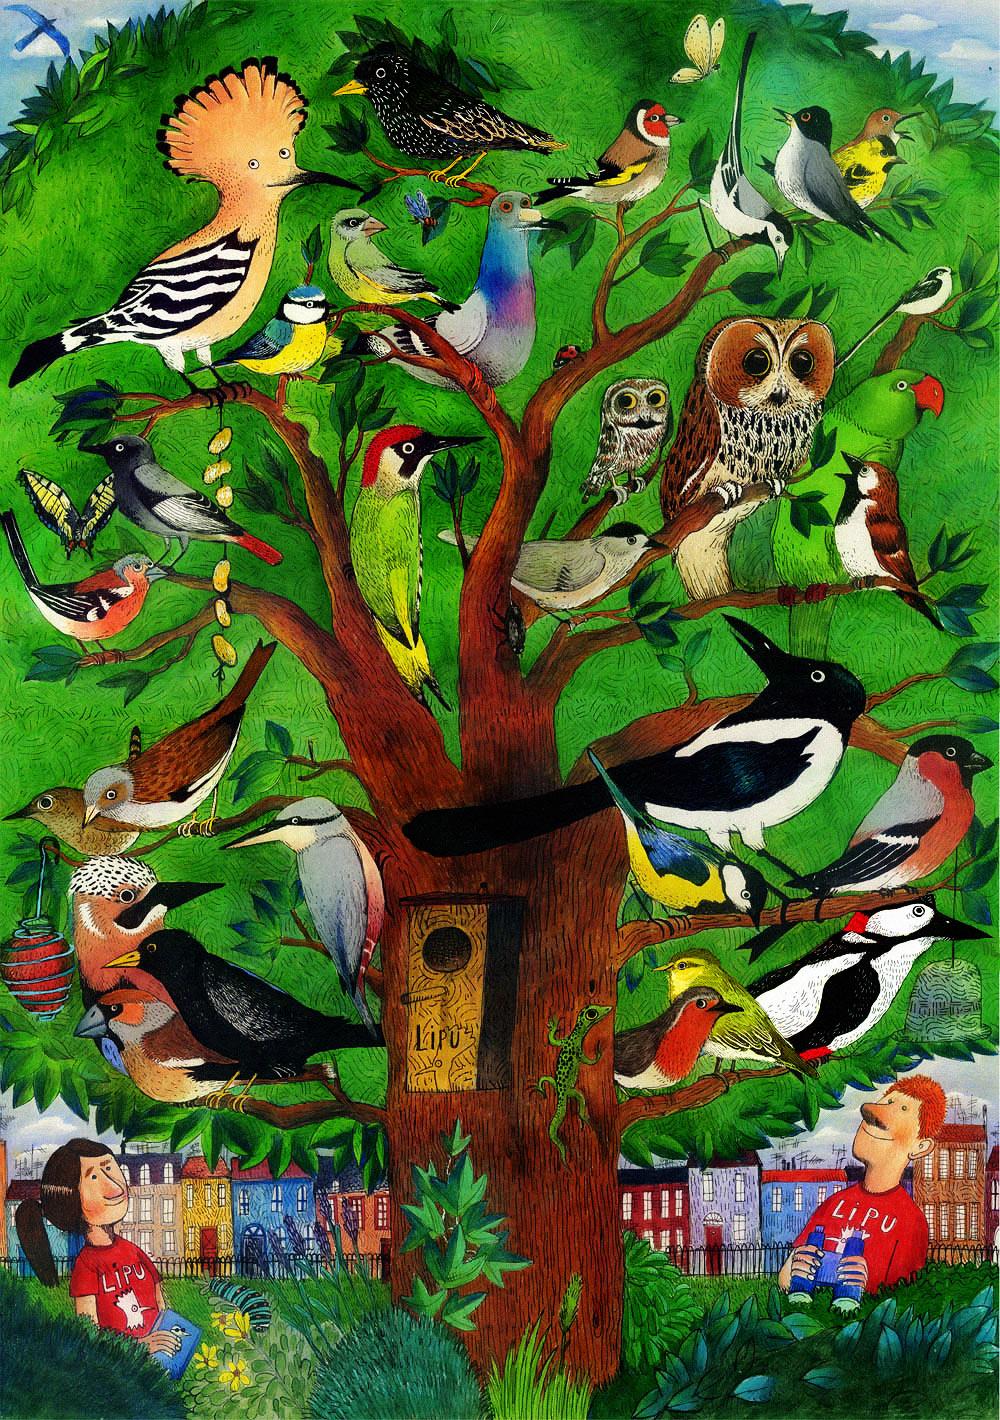 Federico Appel è l'illustratore che ha illustrato le pagine della sezione Birdgarden del sito Lipu